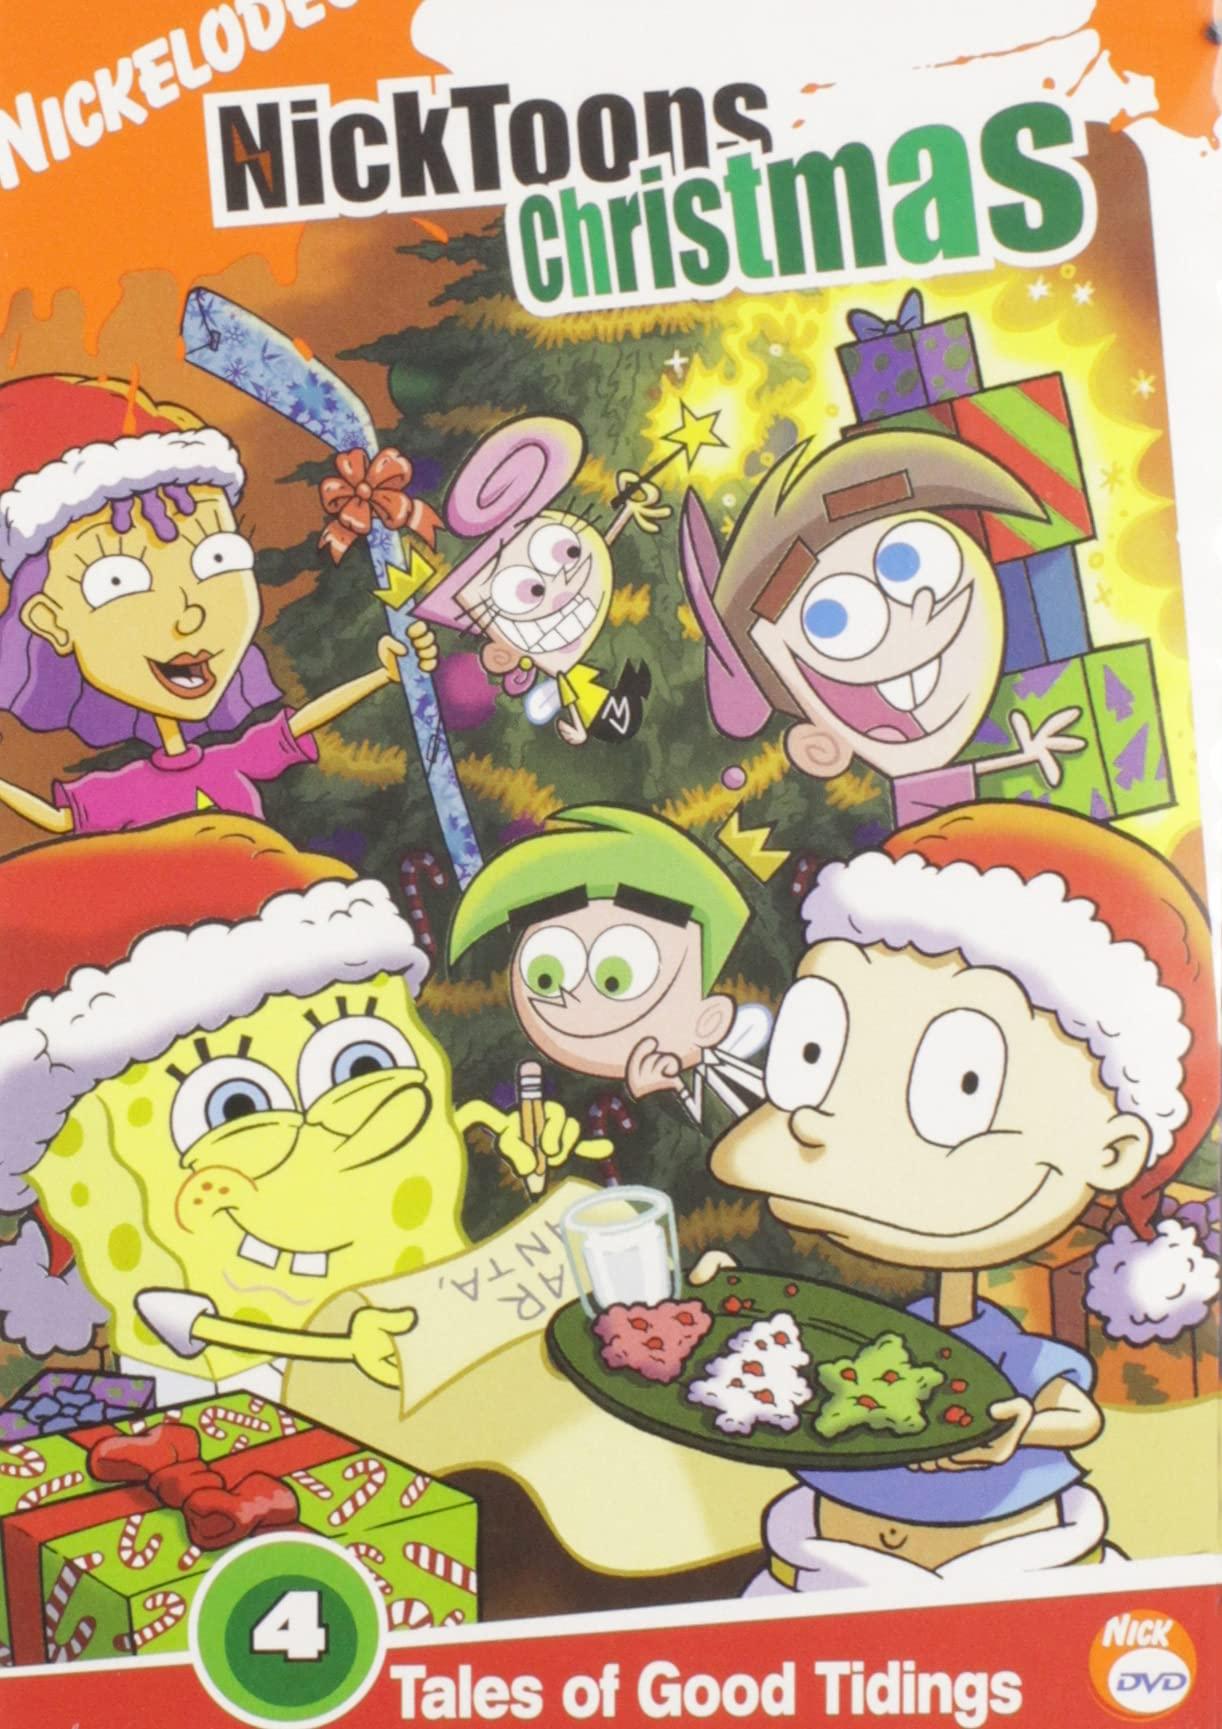 Nicktoons Christmas | Encyclopedia SpongeBobia | FANDOM powered by ...